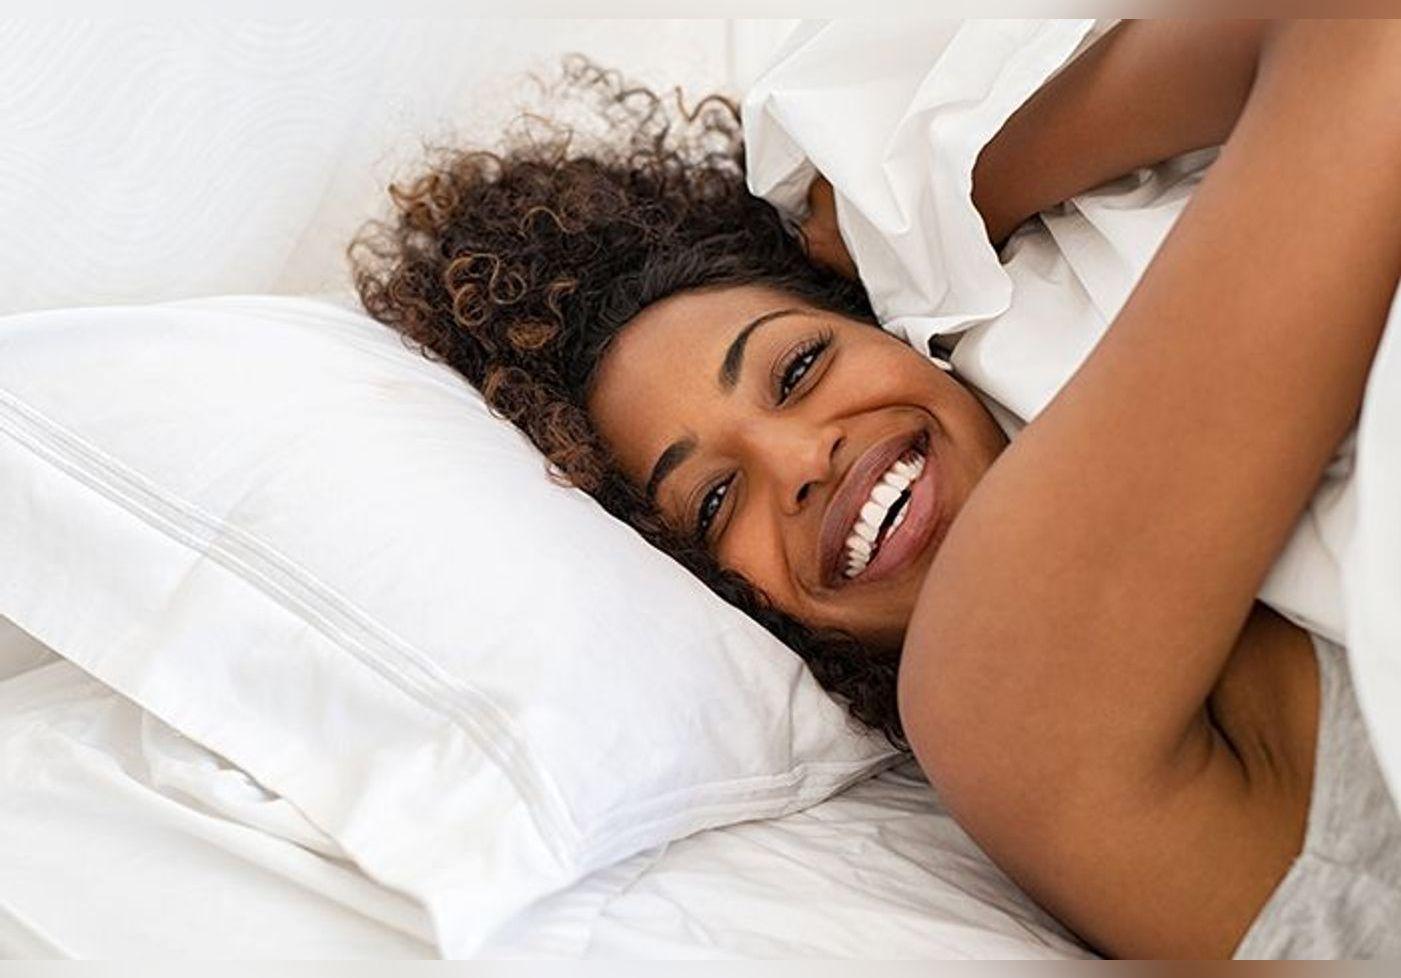 Sommeil : cette solution pour s'endormir plus vite grâce à un masque est surprenante… Adieu insomnie et anxiété